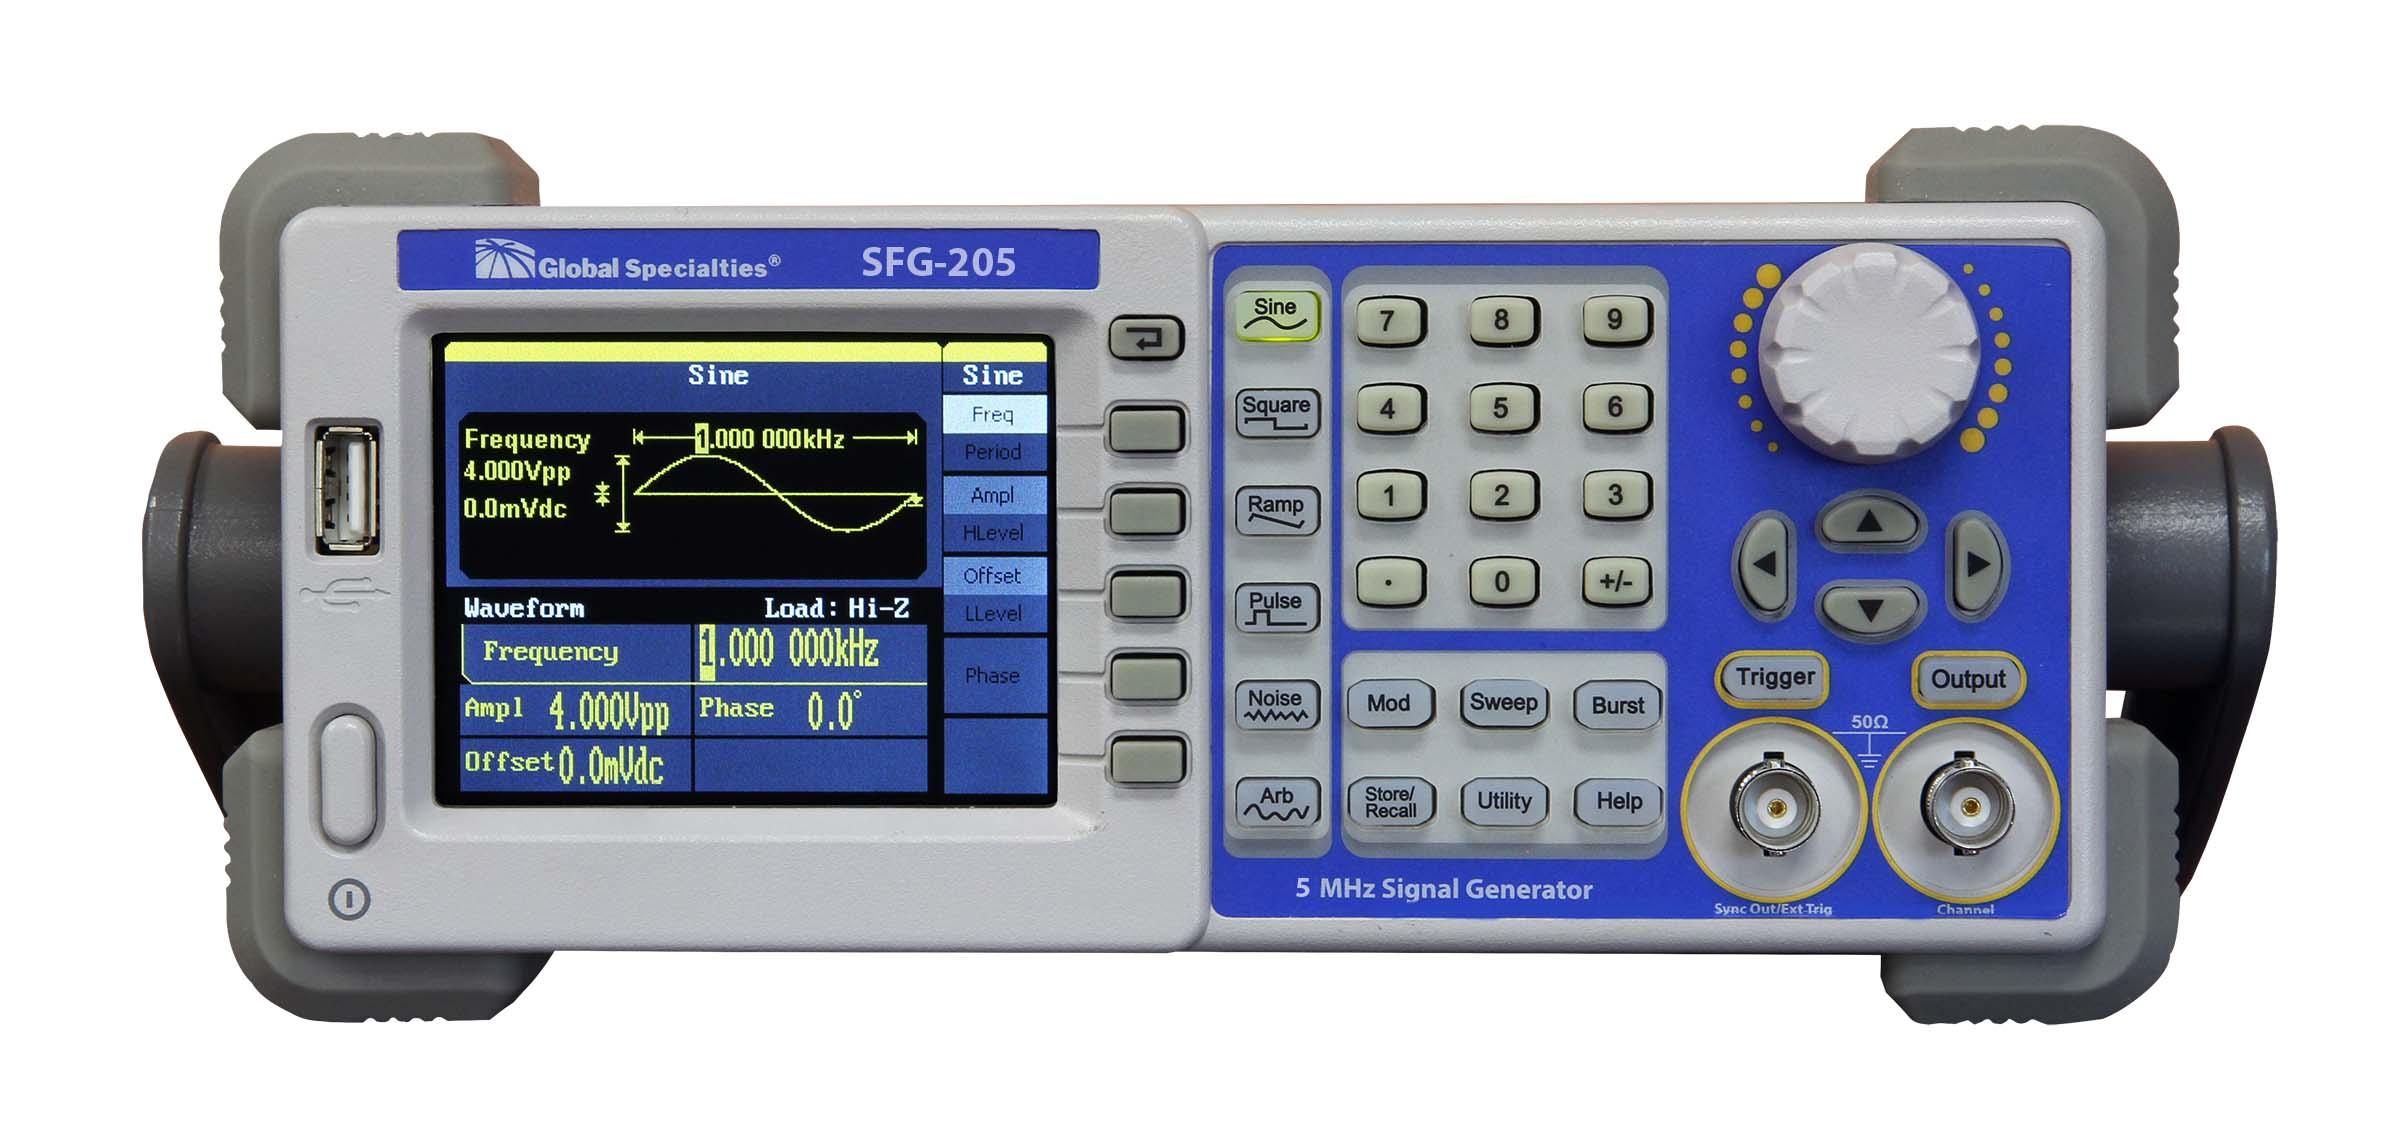 SFG-205